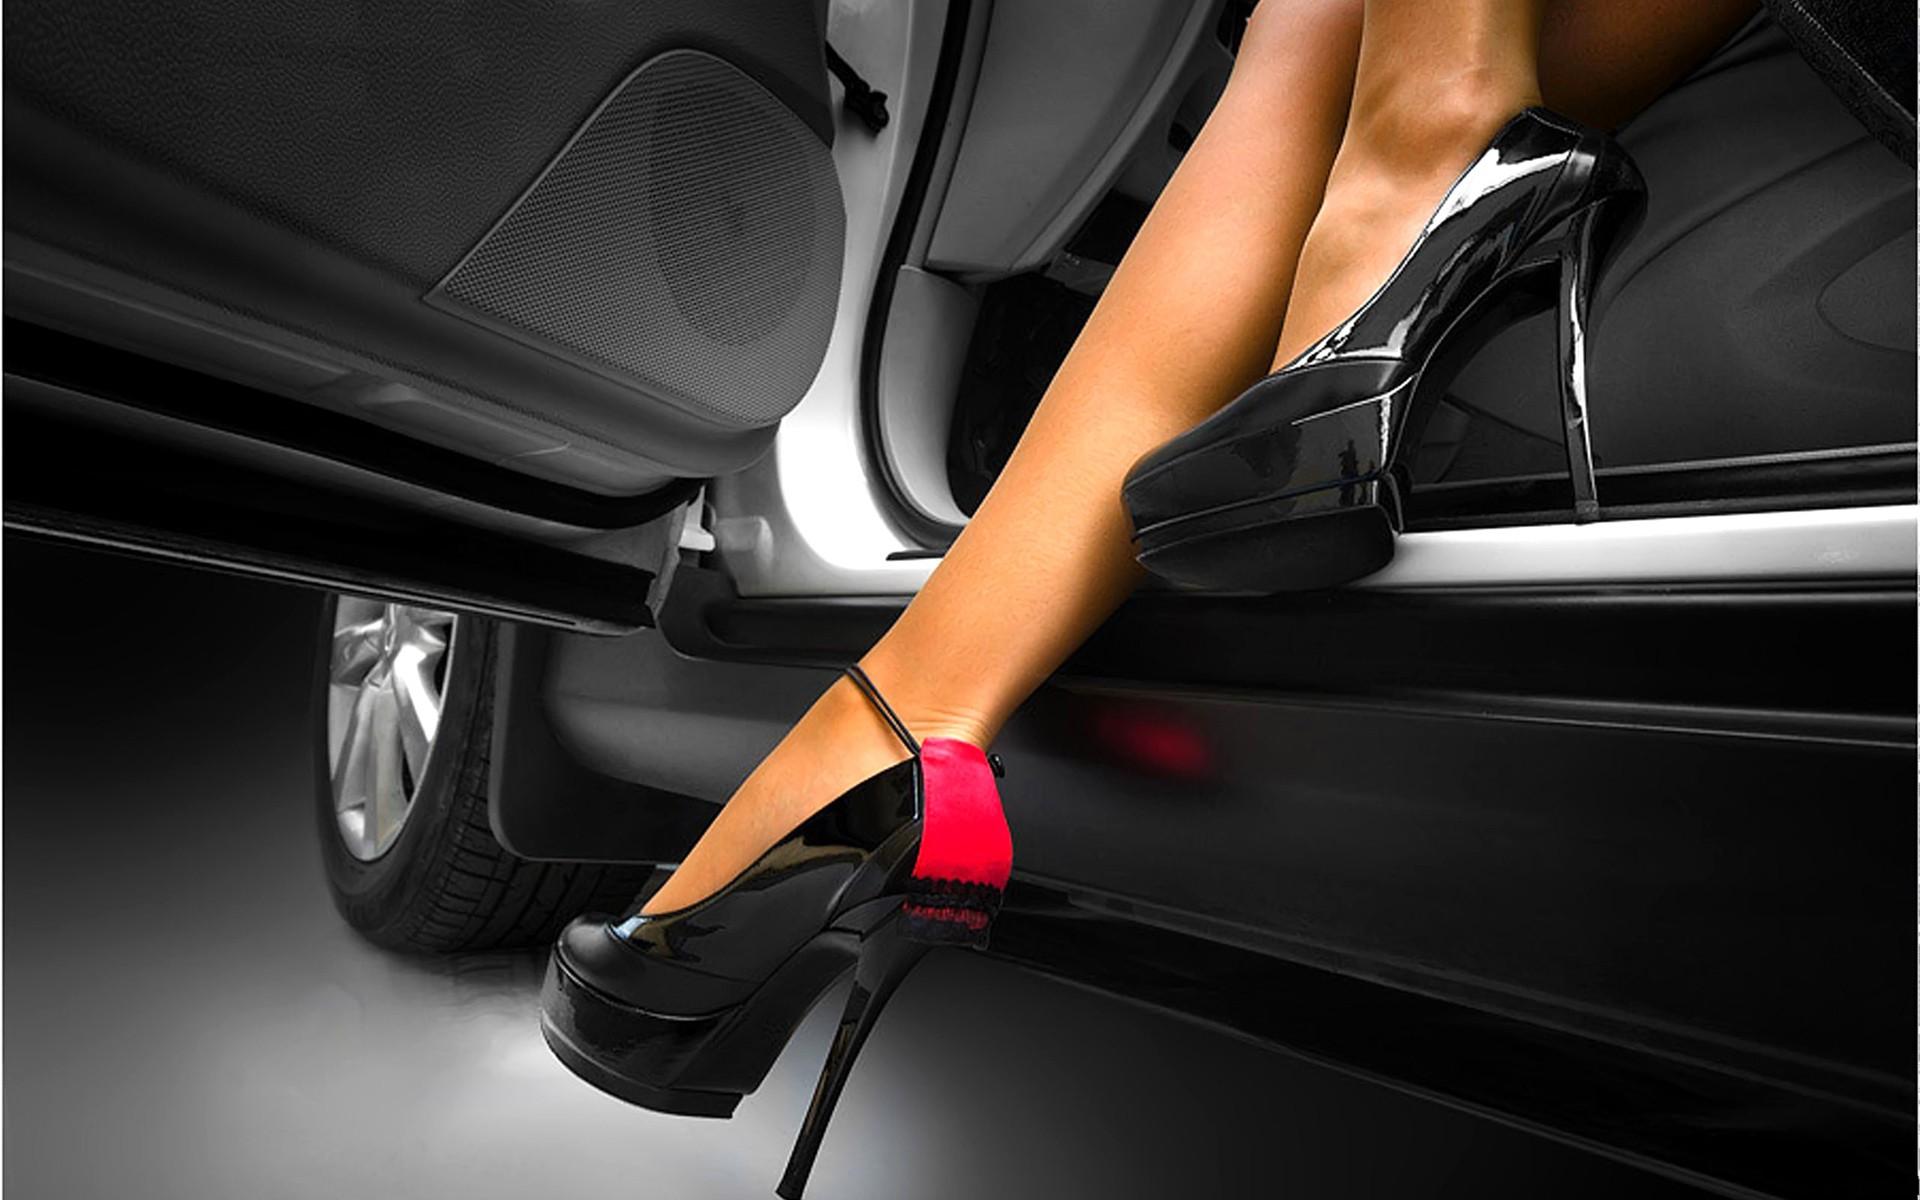 Scarpe scarpe scarpe: consigli per gli acquisti